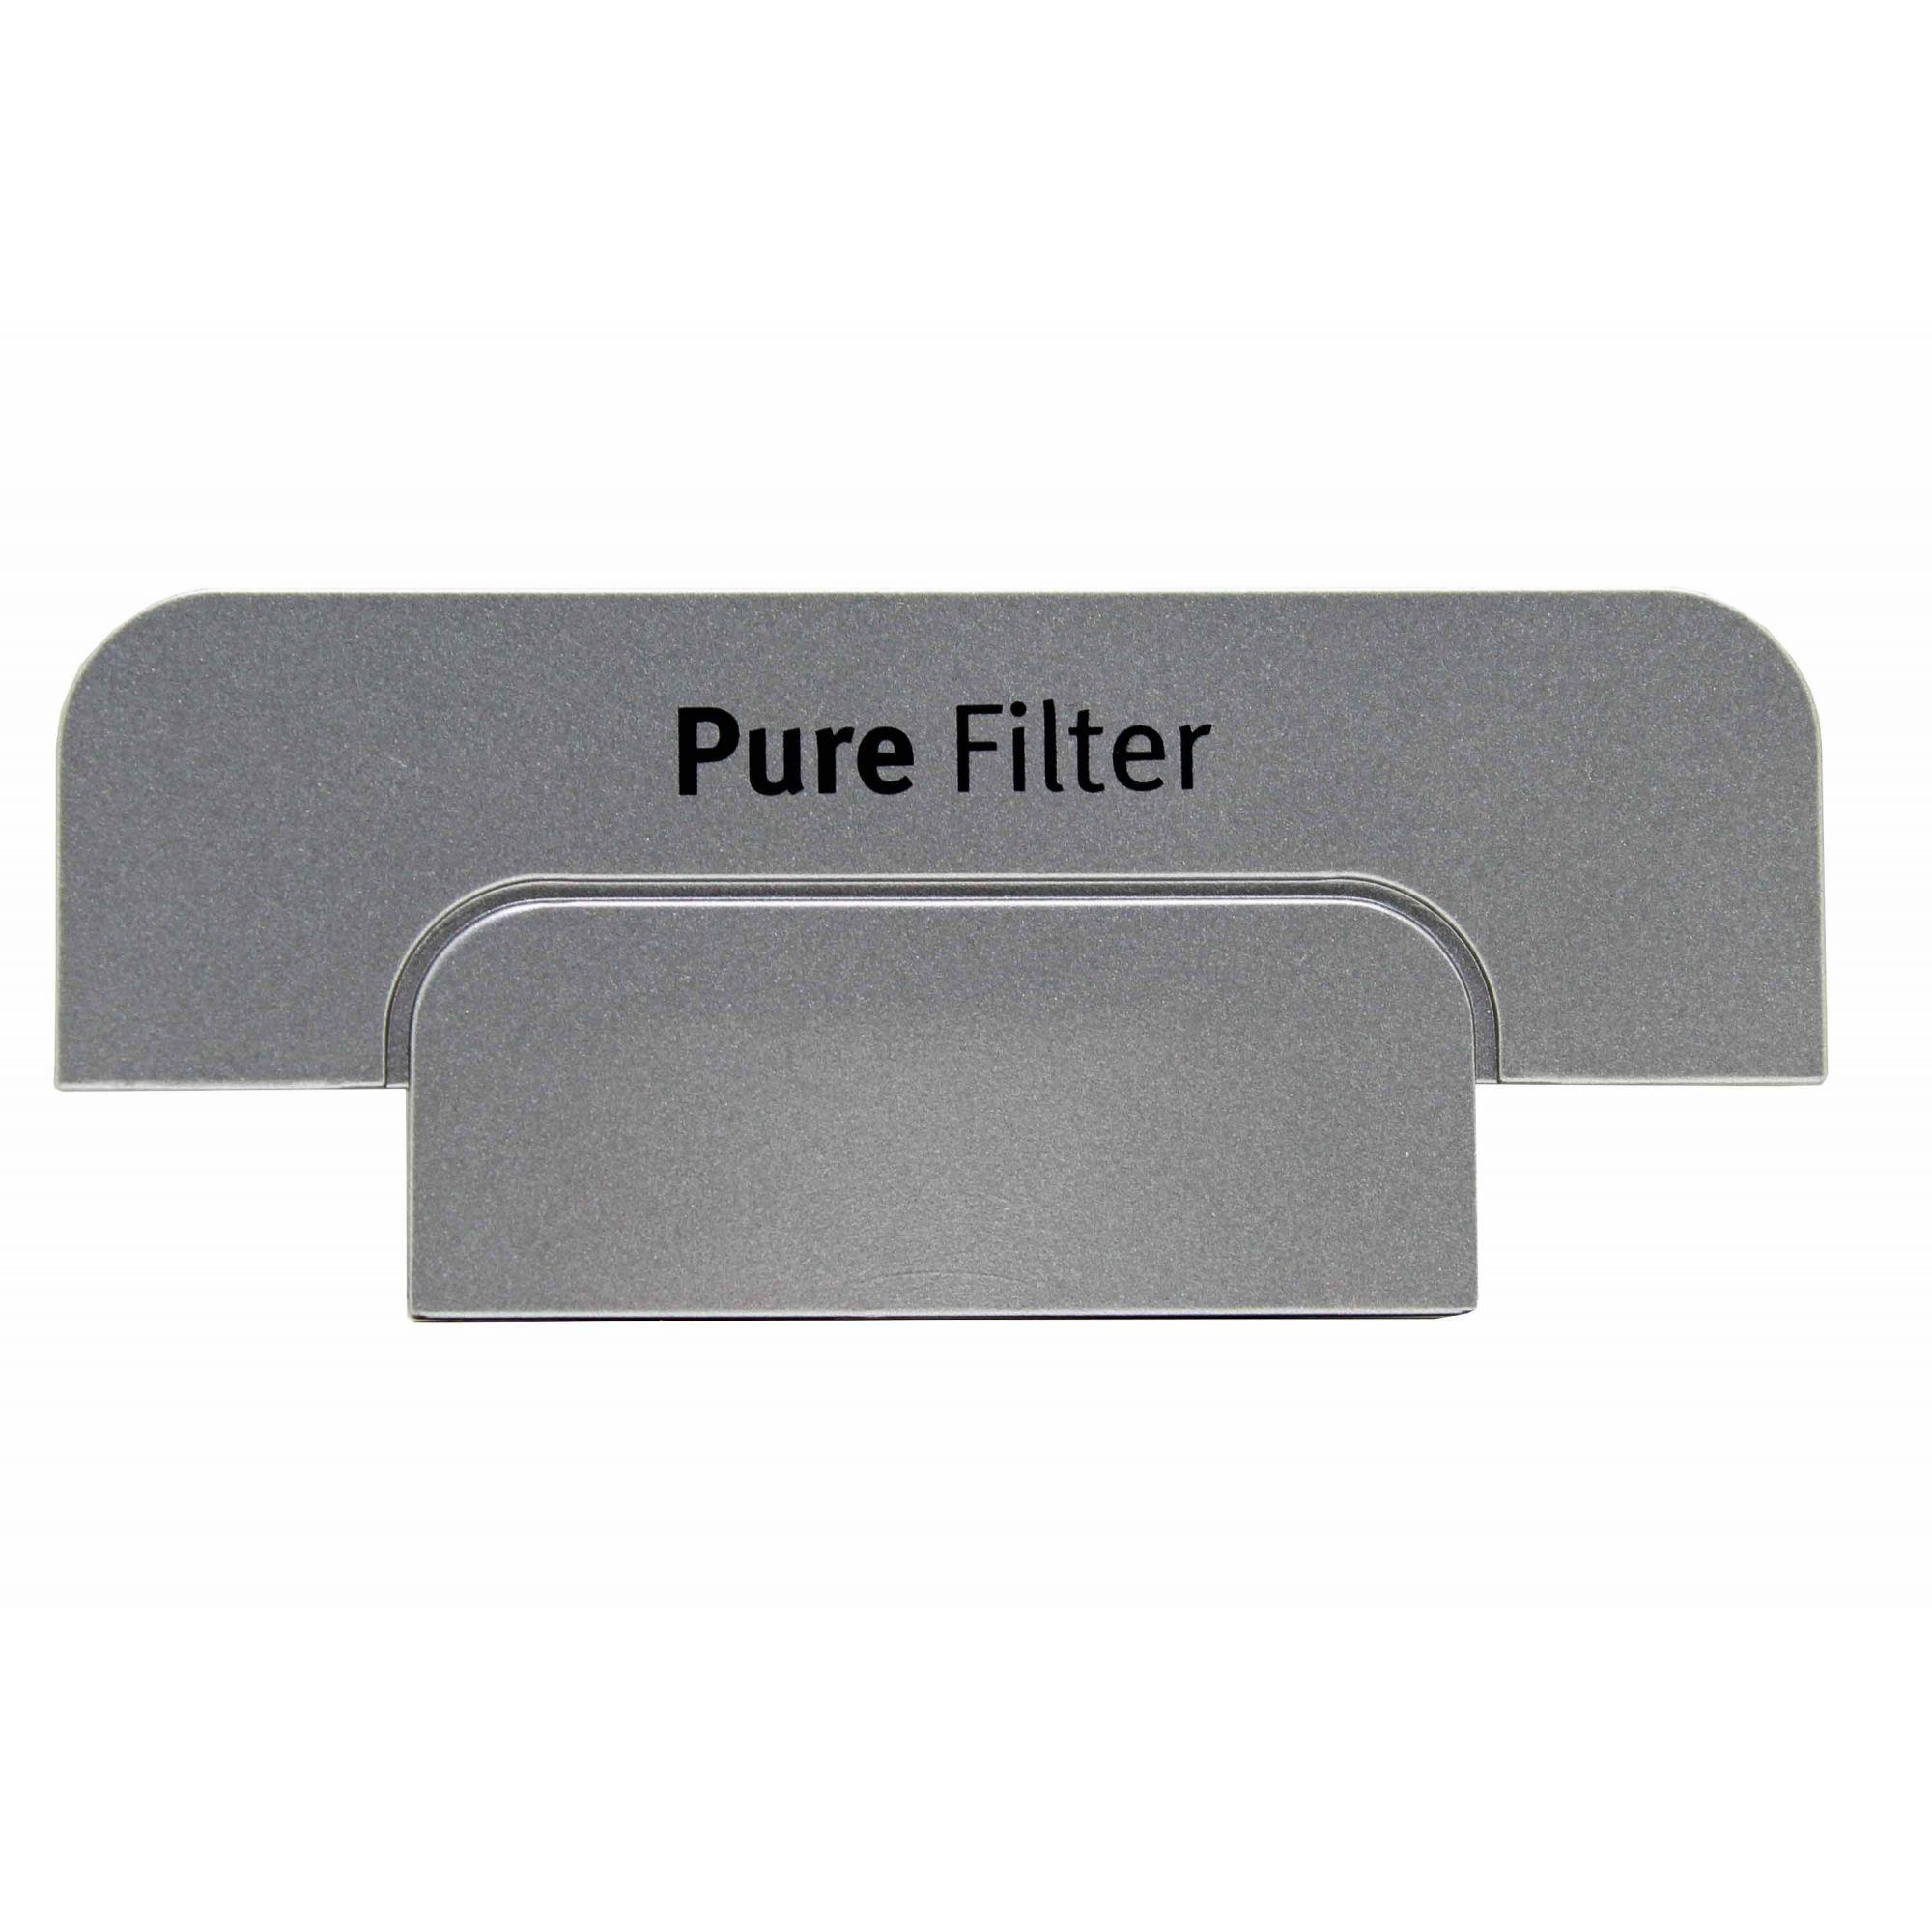 Arremate Acionador Água Refrigerador Electrolux Inox 67496163